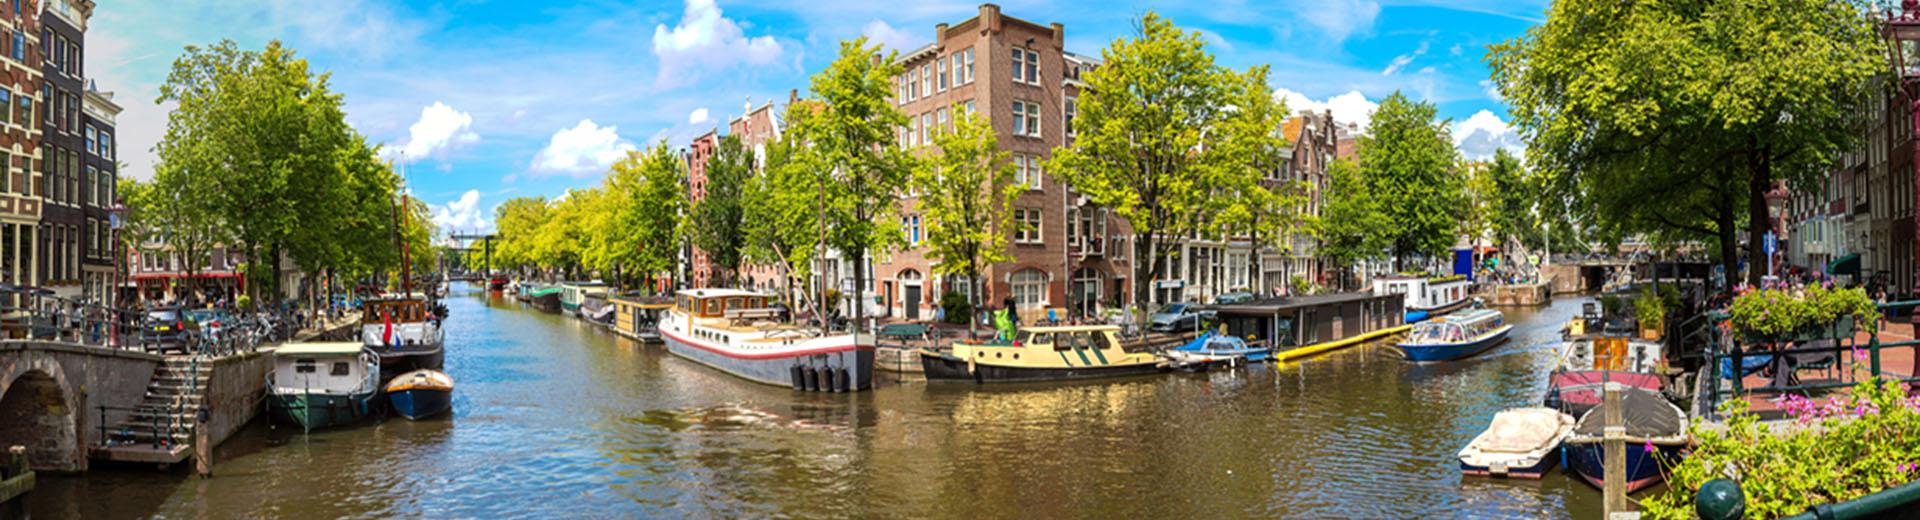 Voyage en groupe Amsterdam - offre confort train